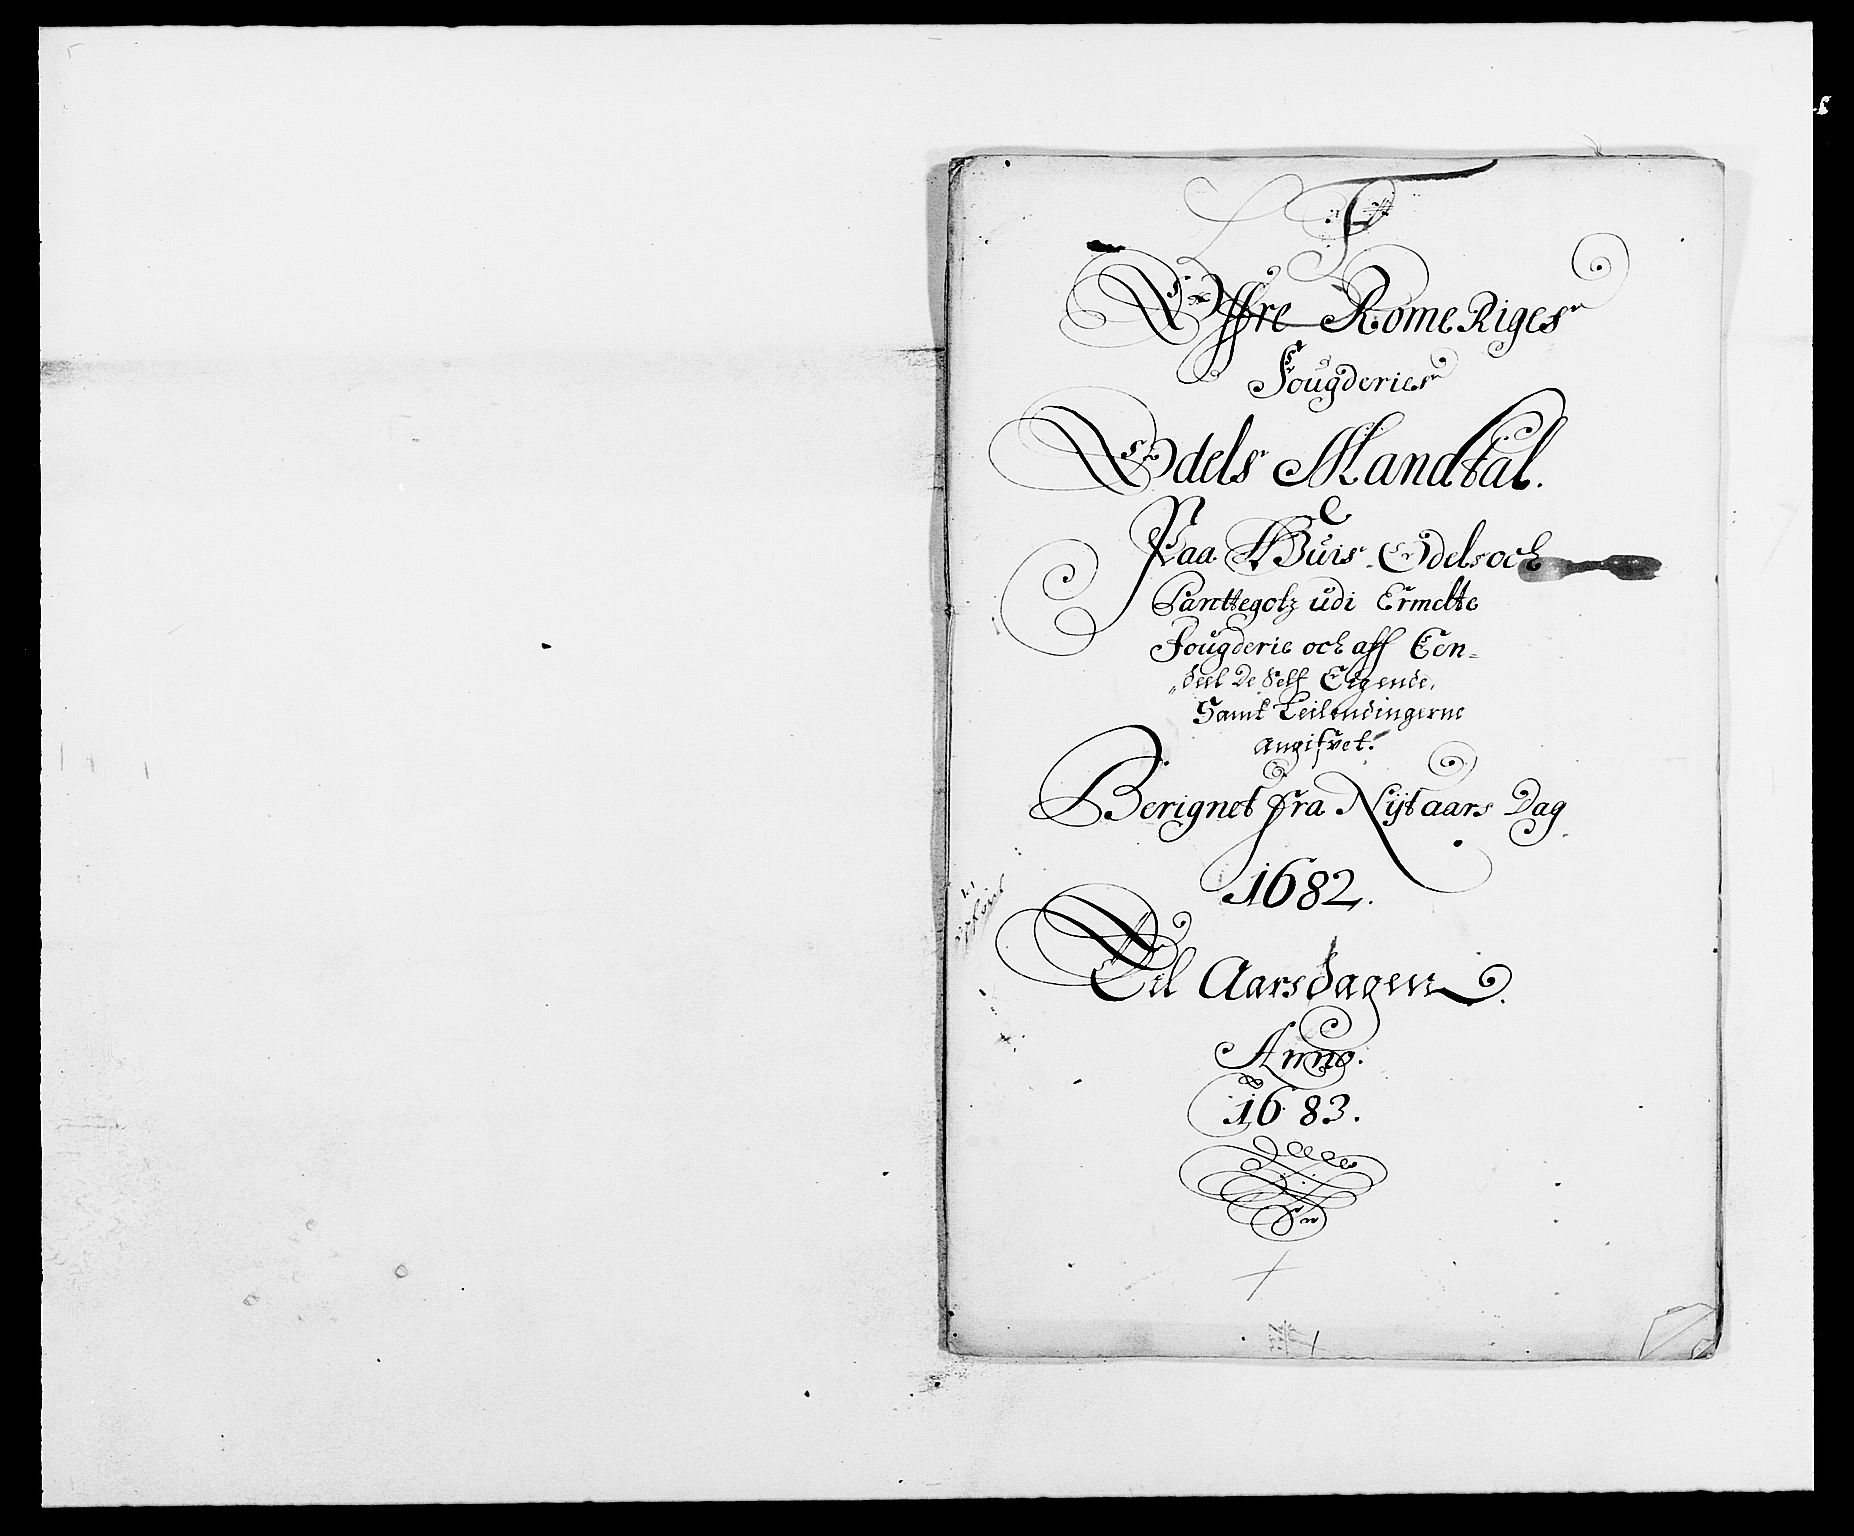 RA, Rentekammeret inntil 1814, Reviderte regnskaper, Fogderegnskap, R12/L0697: Fogderegnskap Øvre Romerike, 1682-1683, s. 186